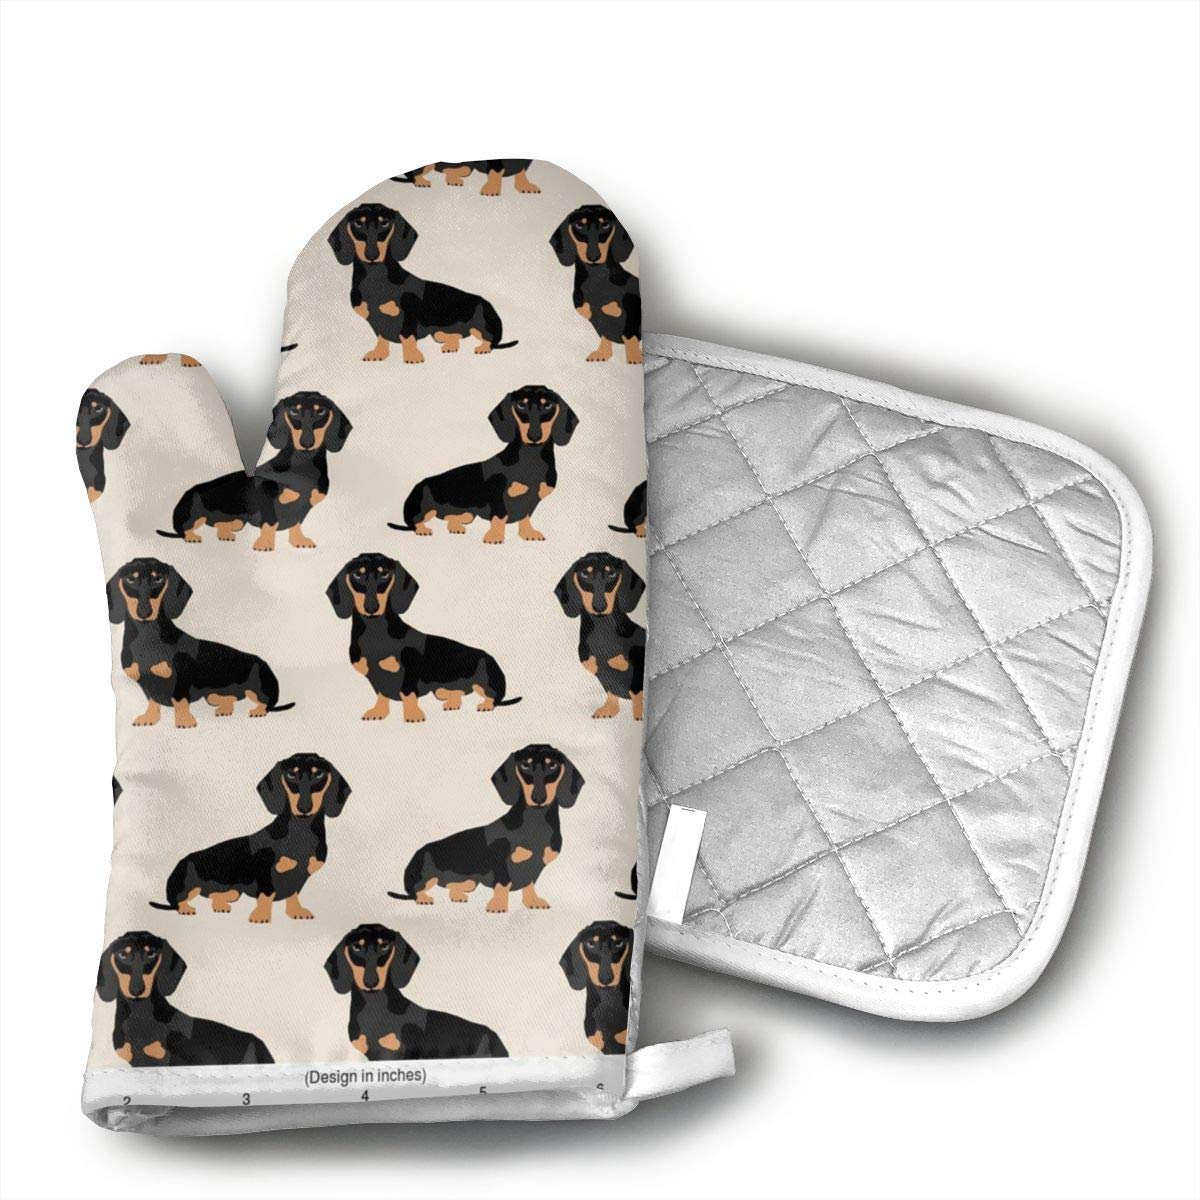 CASM Wiener Dog Fabric Doxie Dachshund Weiner Dog Pet Dogs Unique Design Eyeballs.jpg Microwave Oven Gloves,Cotton Oven Gloves Heat Resistant Microwave Oven Kitchen Gloves